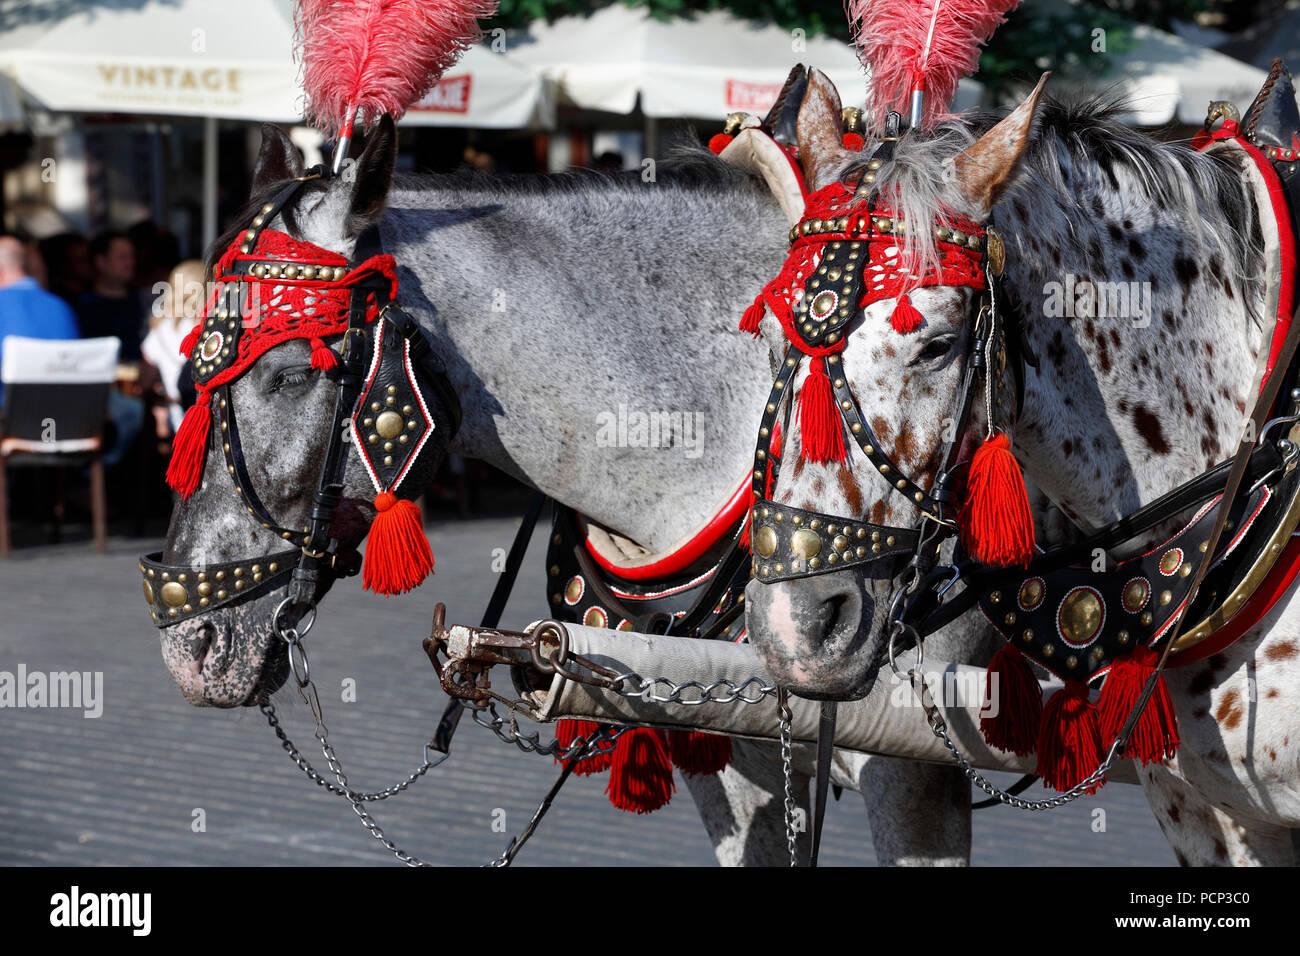 antique horse-drawn carriages around market square old town krakow, lesser poland, poland, europe Stock Photo